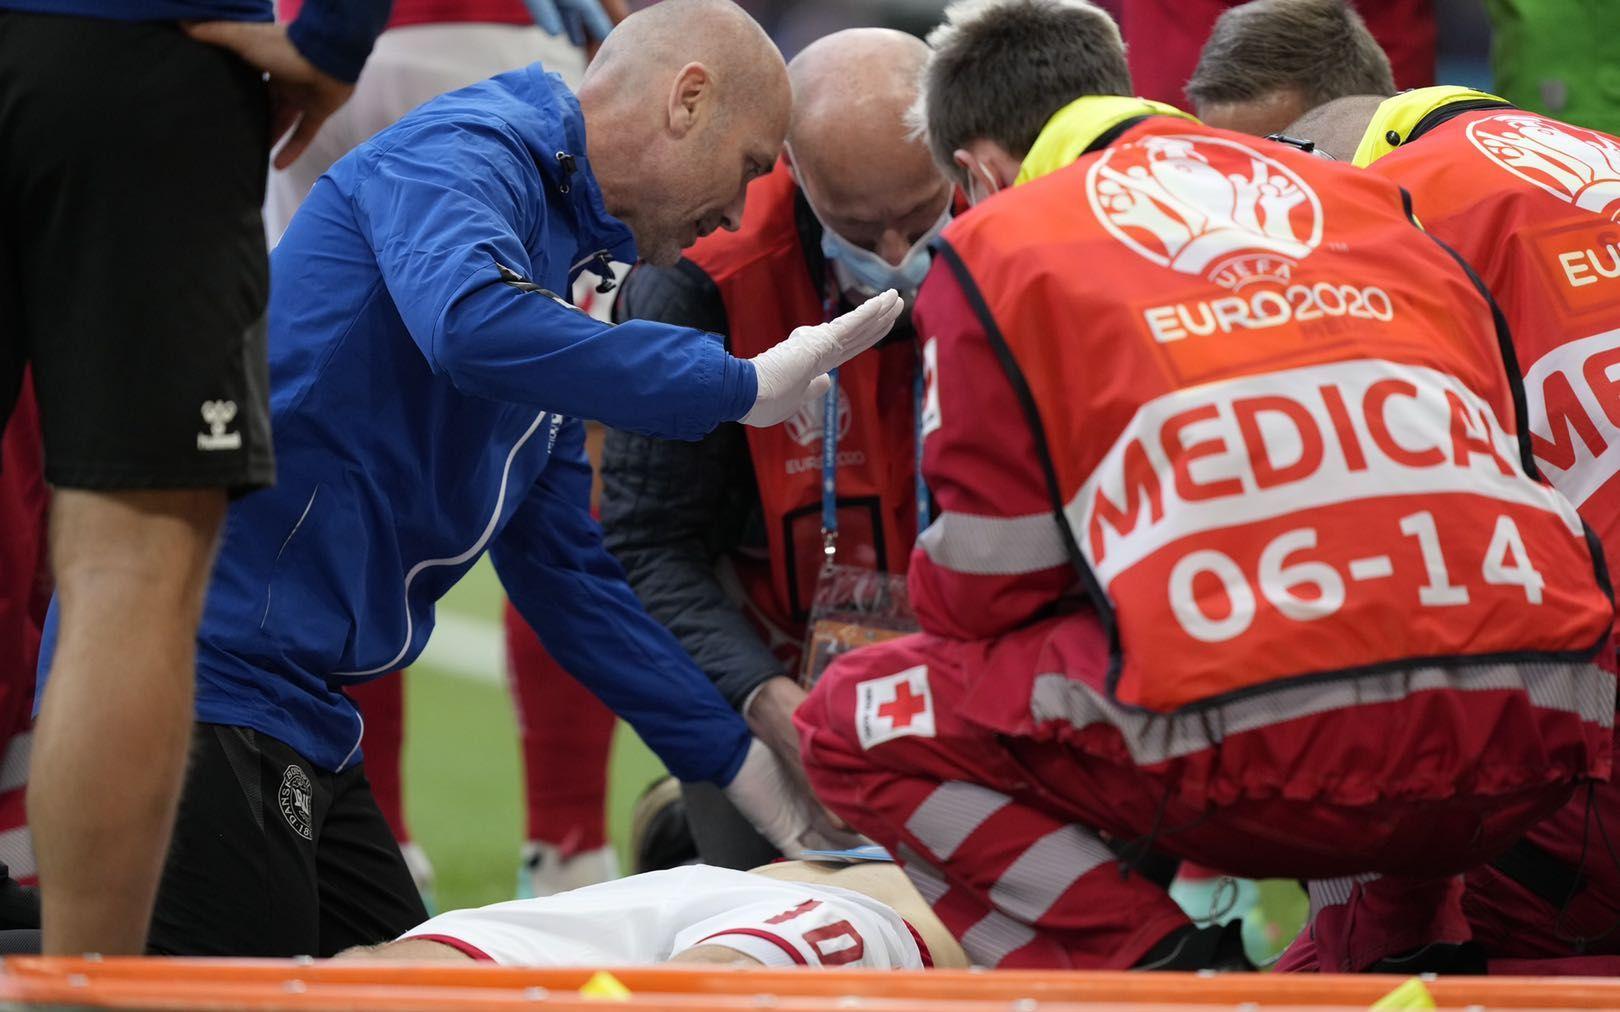 丹麦球星埃里克森在比赛中突然昏迷倒地。图/IC PHOTO